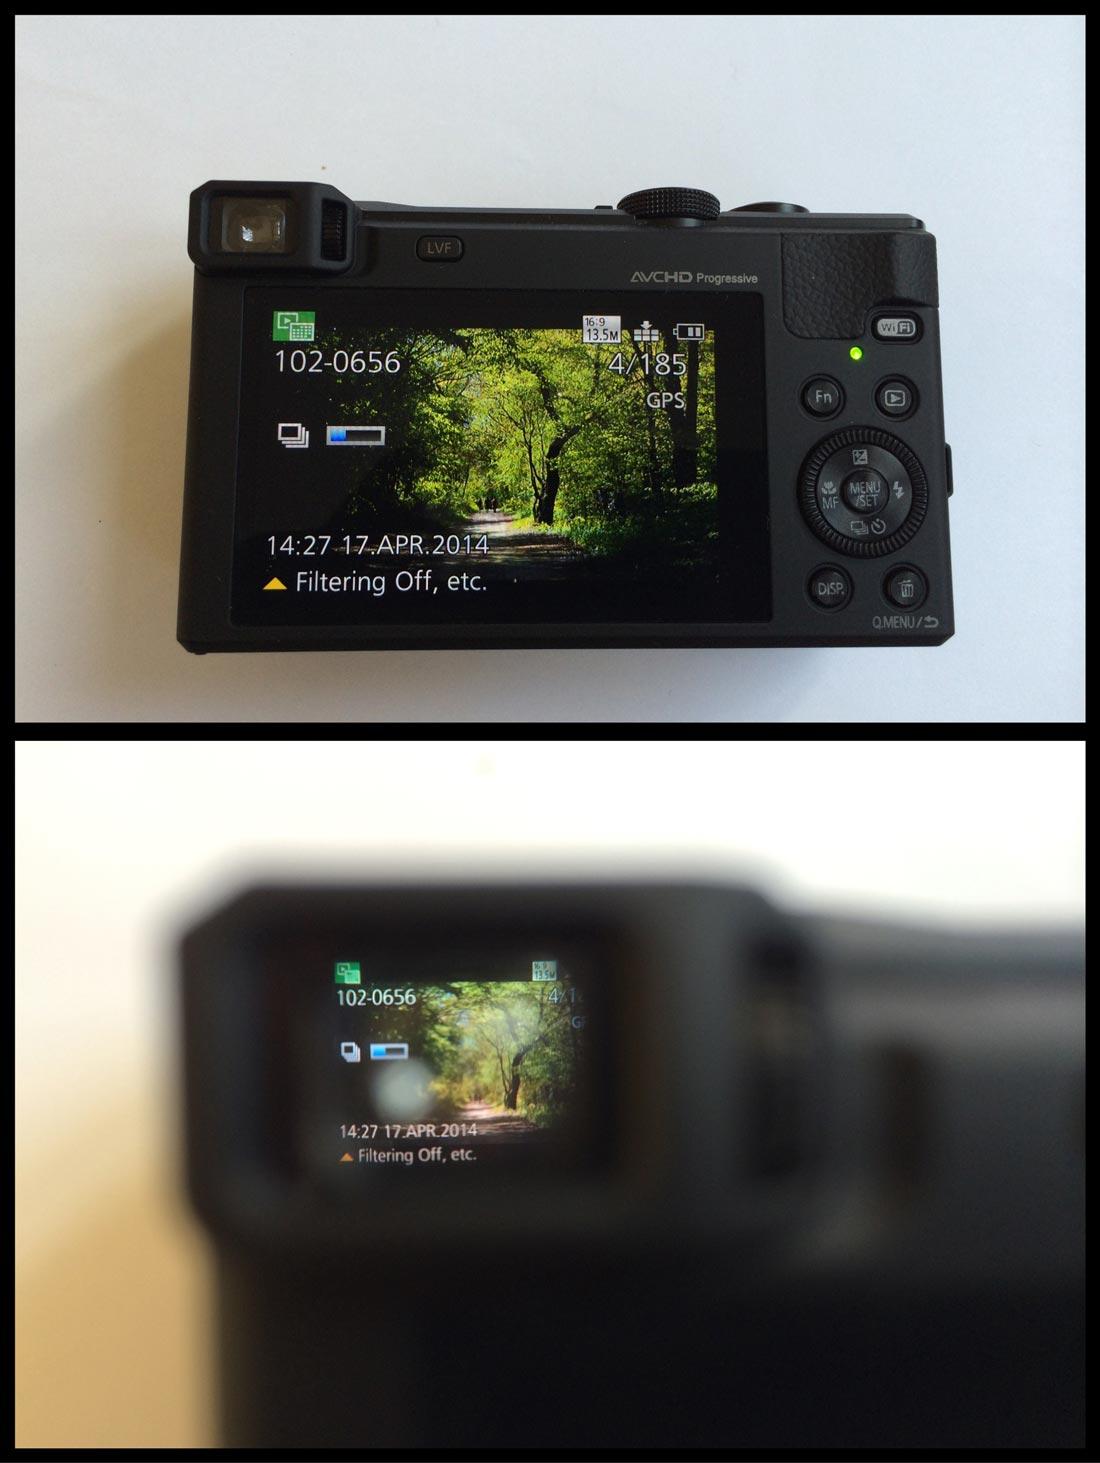 Le Panasonic TZ60 bénéficie d'un viseur électronique. Ph. Moctar KANE